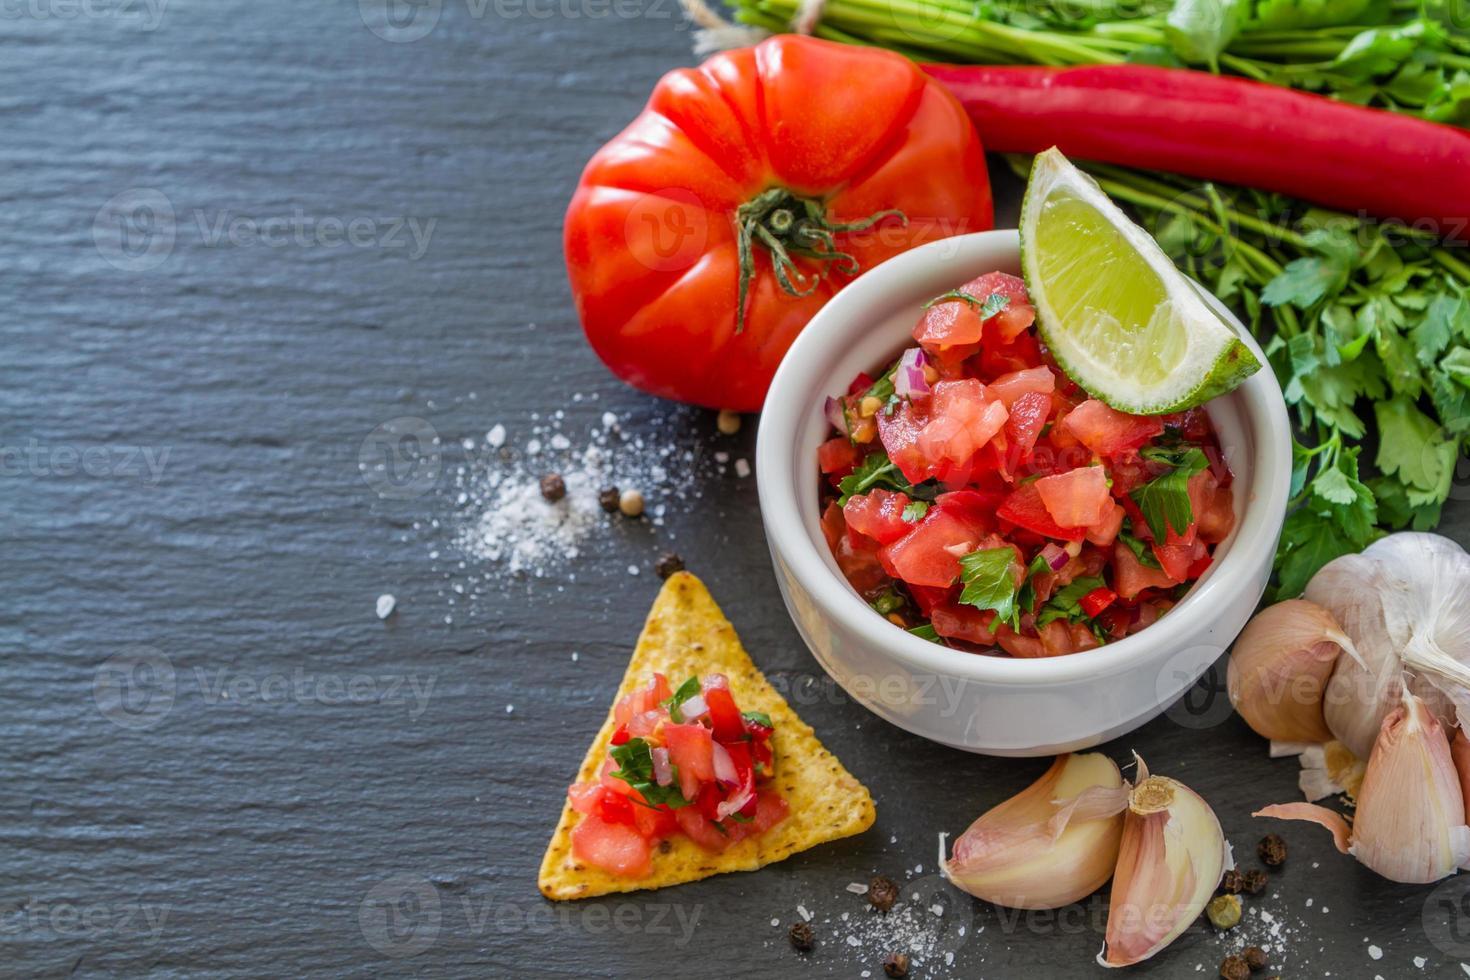 Salsa-Sauce und Zutaten - Tomaten, Zwiebeln, Chili, Knoblauch, Limette foto